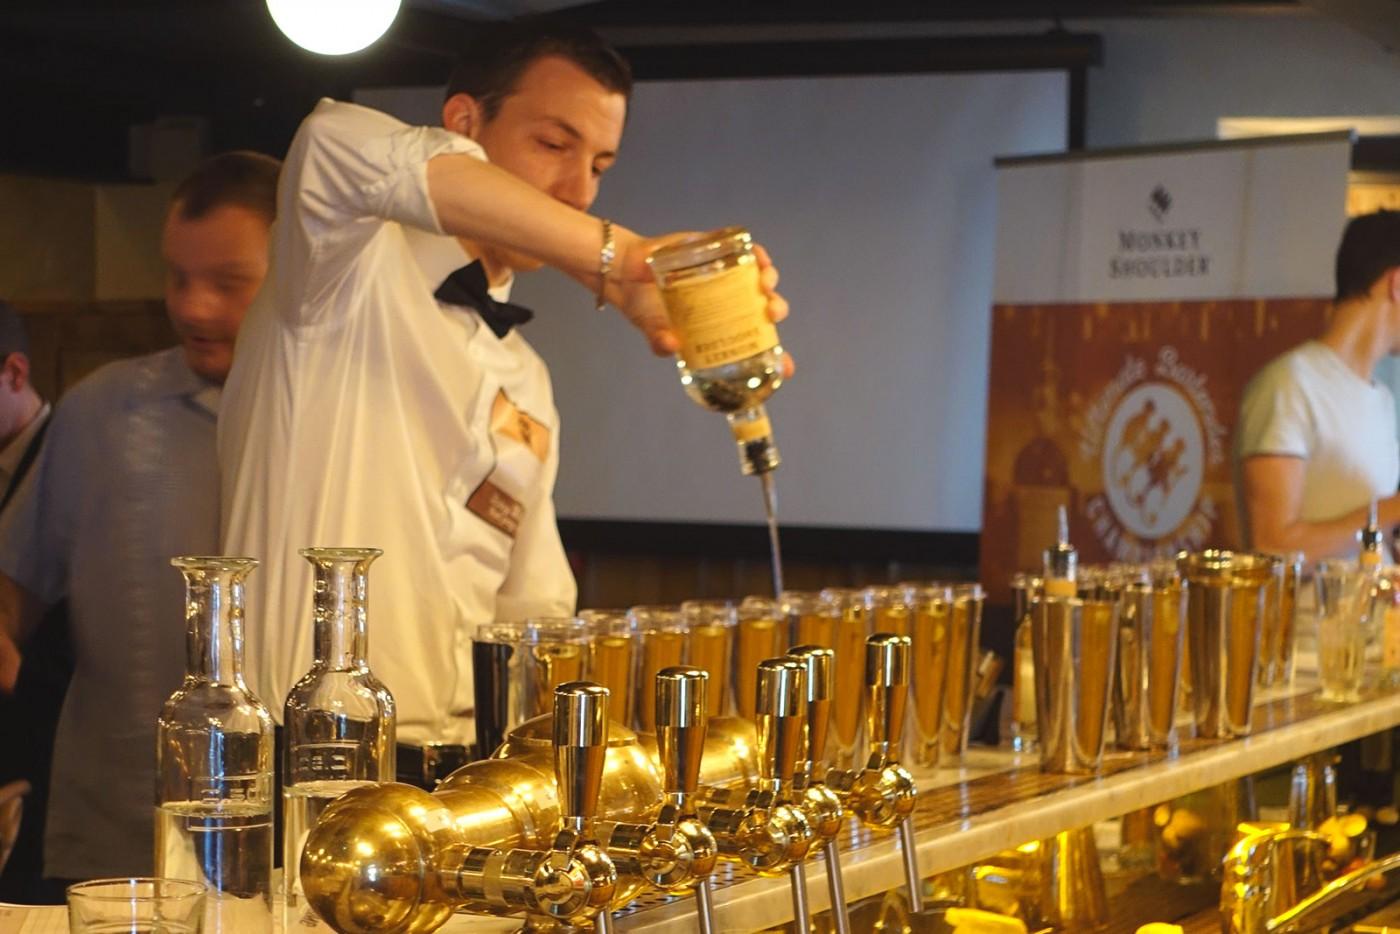 Votez et réveillez votre talent de barman dans le futur bar Monkey Shoulder!